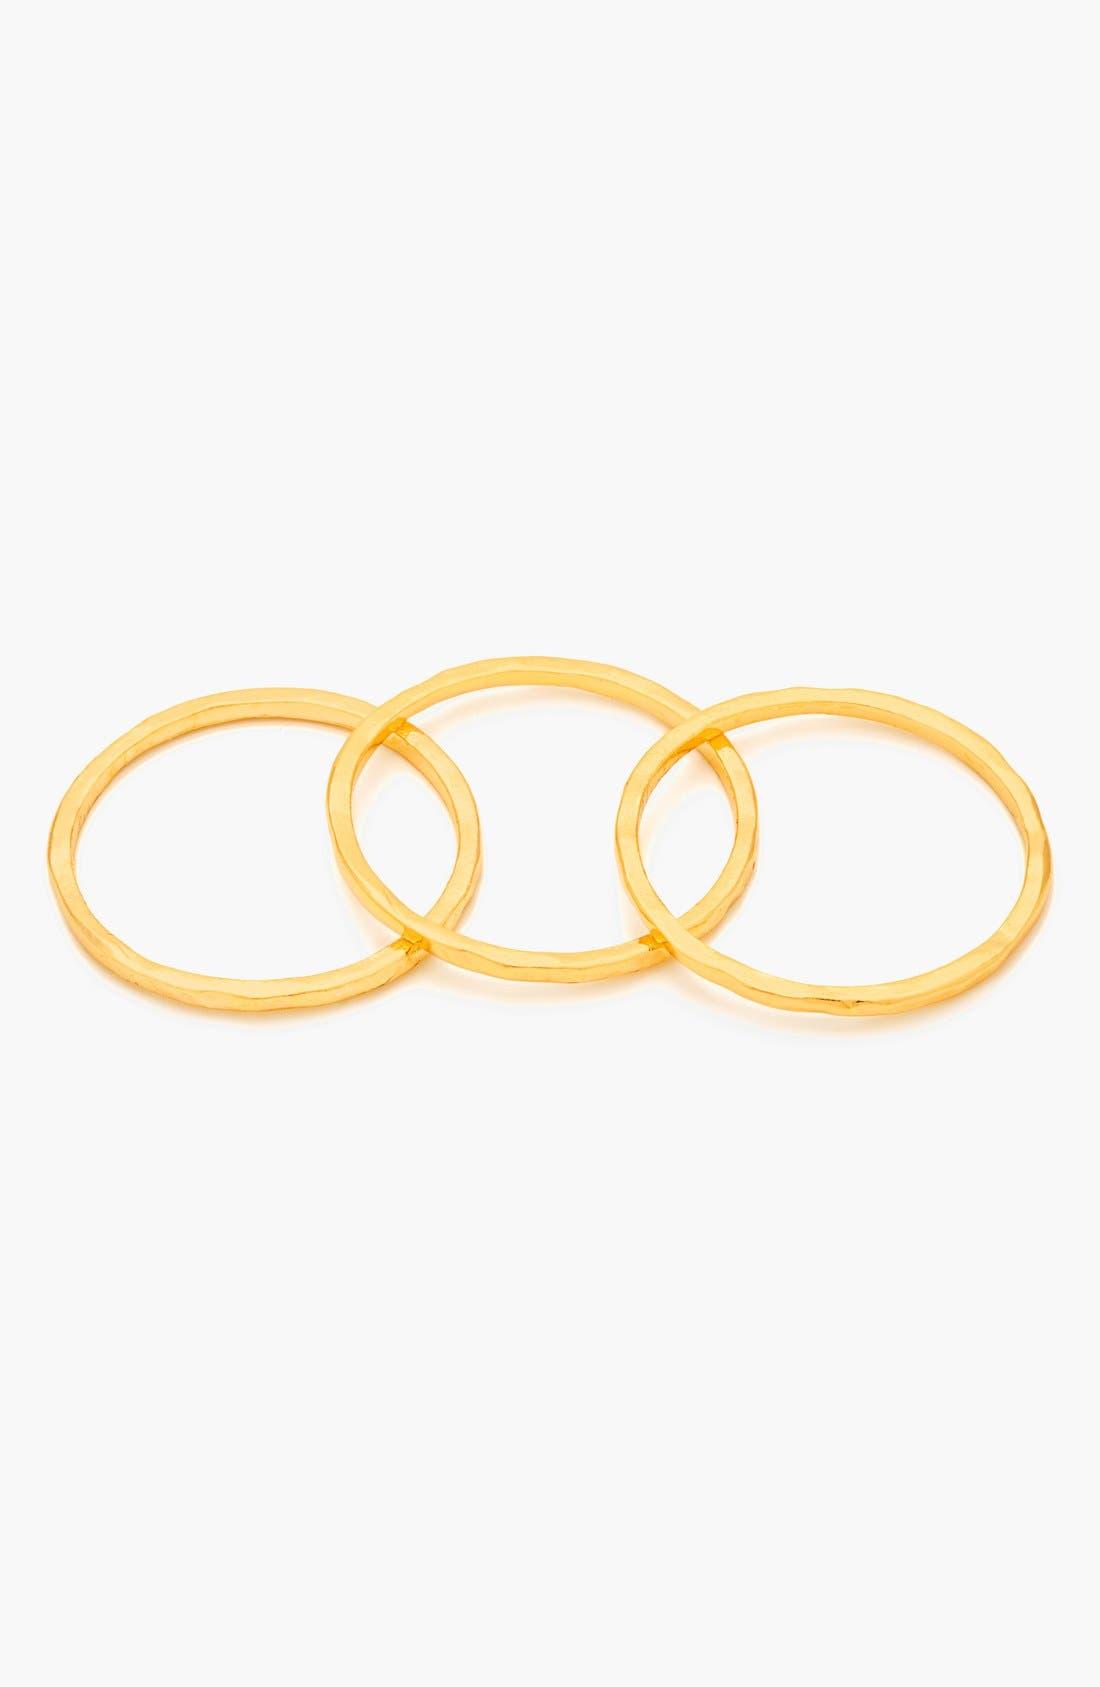 GORJANA, 'G Ring' Hammered Stack Rings, Alternate thumbnail 3, color, 710